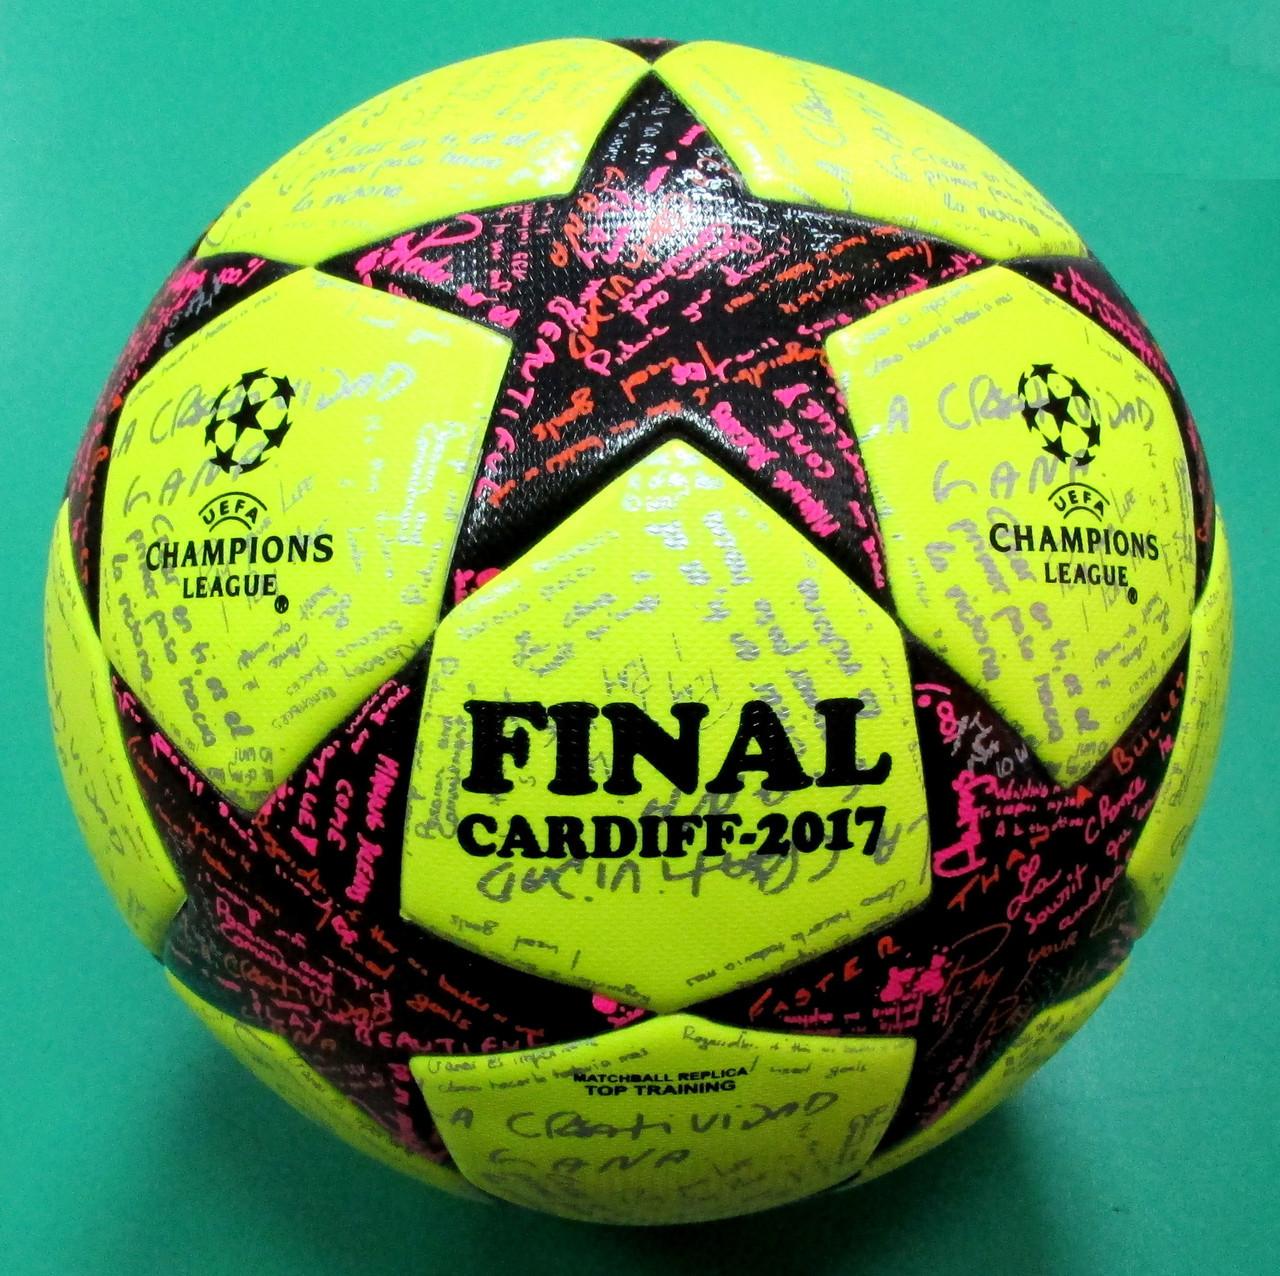 Мяч футбольный Adidas Match ball Replica Final Cardiff Распродажа! Оптом и в розницу